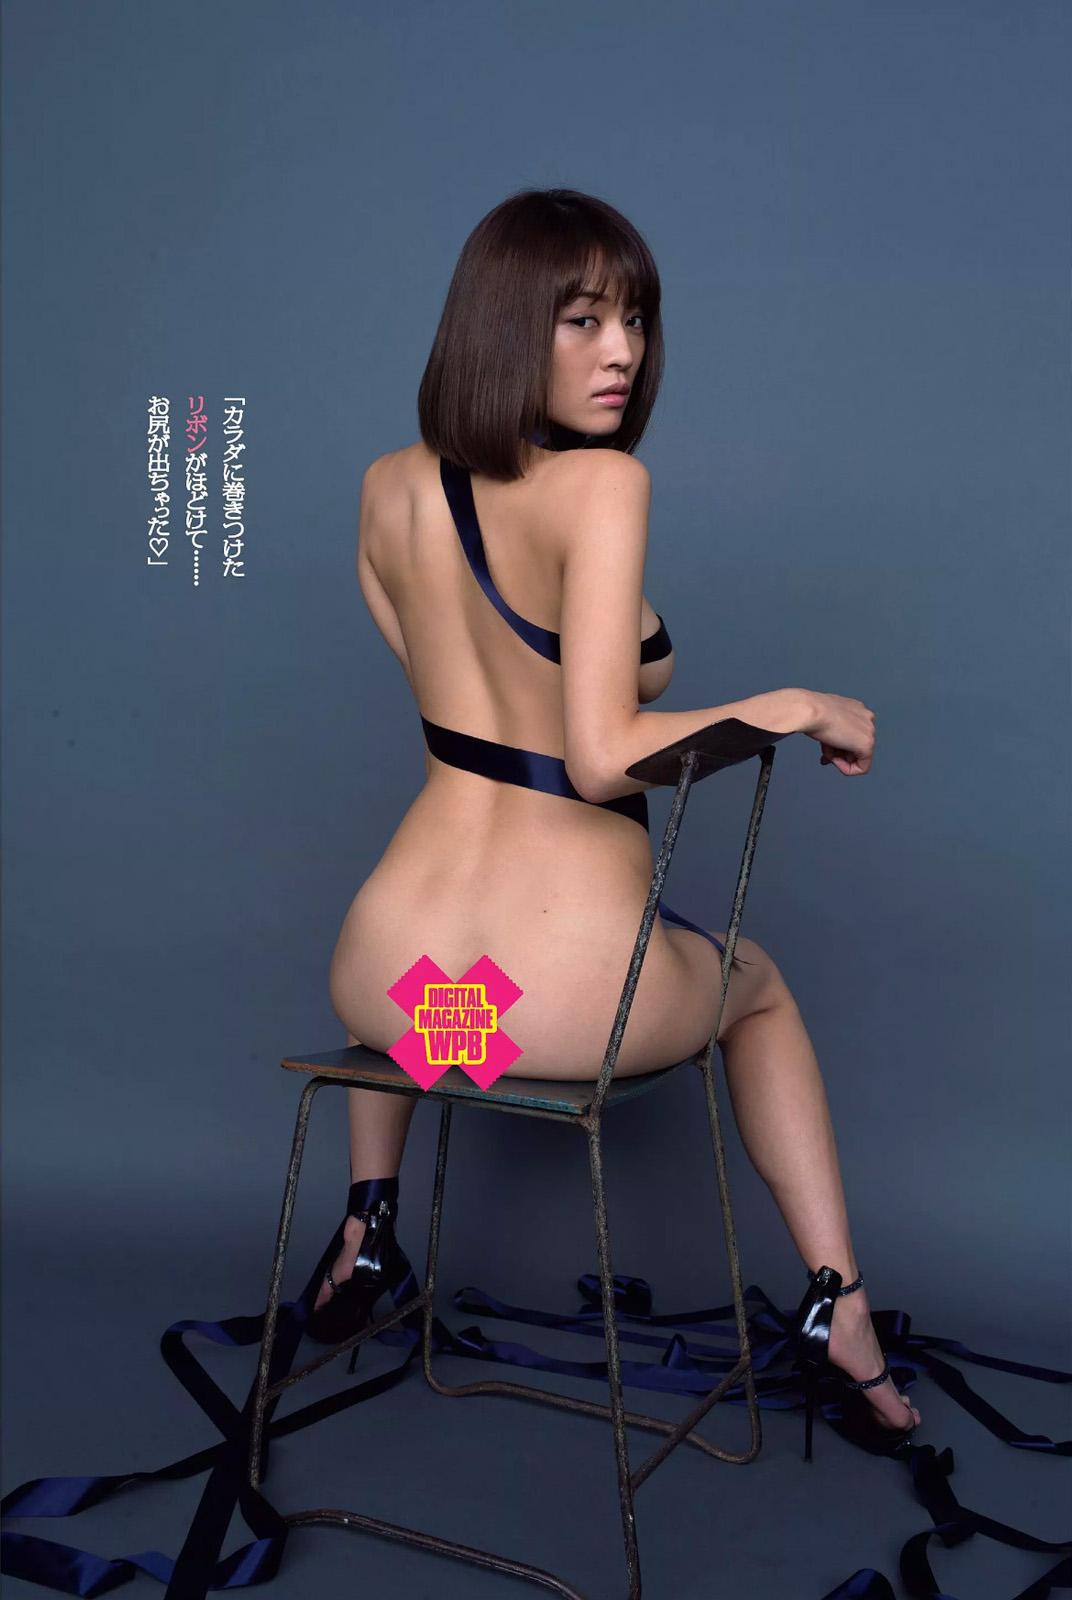 伊藤しほ乃(29)のヌードグラビア等抜けるエロ画像125枚・7枚目の画像